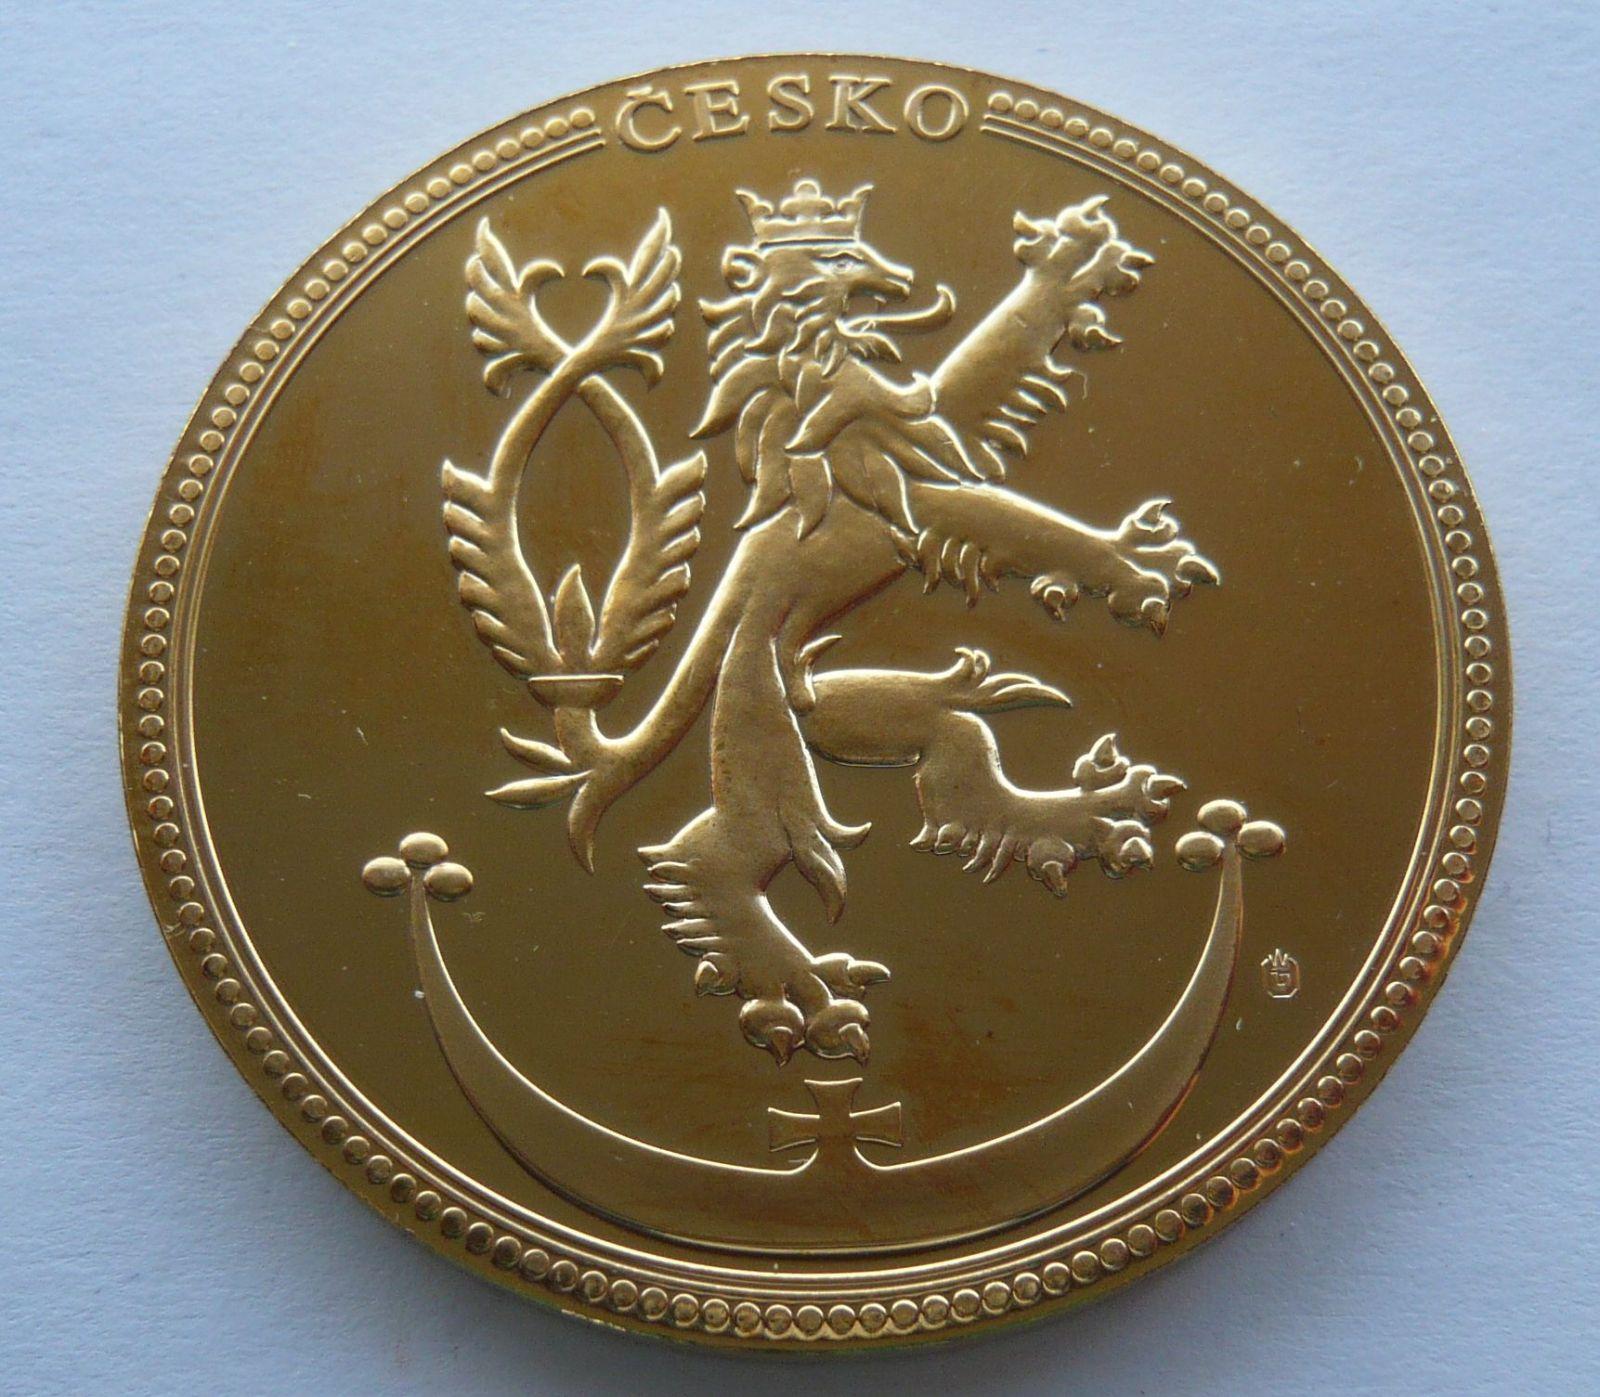 ČR 1000 Kč 2008 Palacký